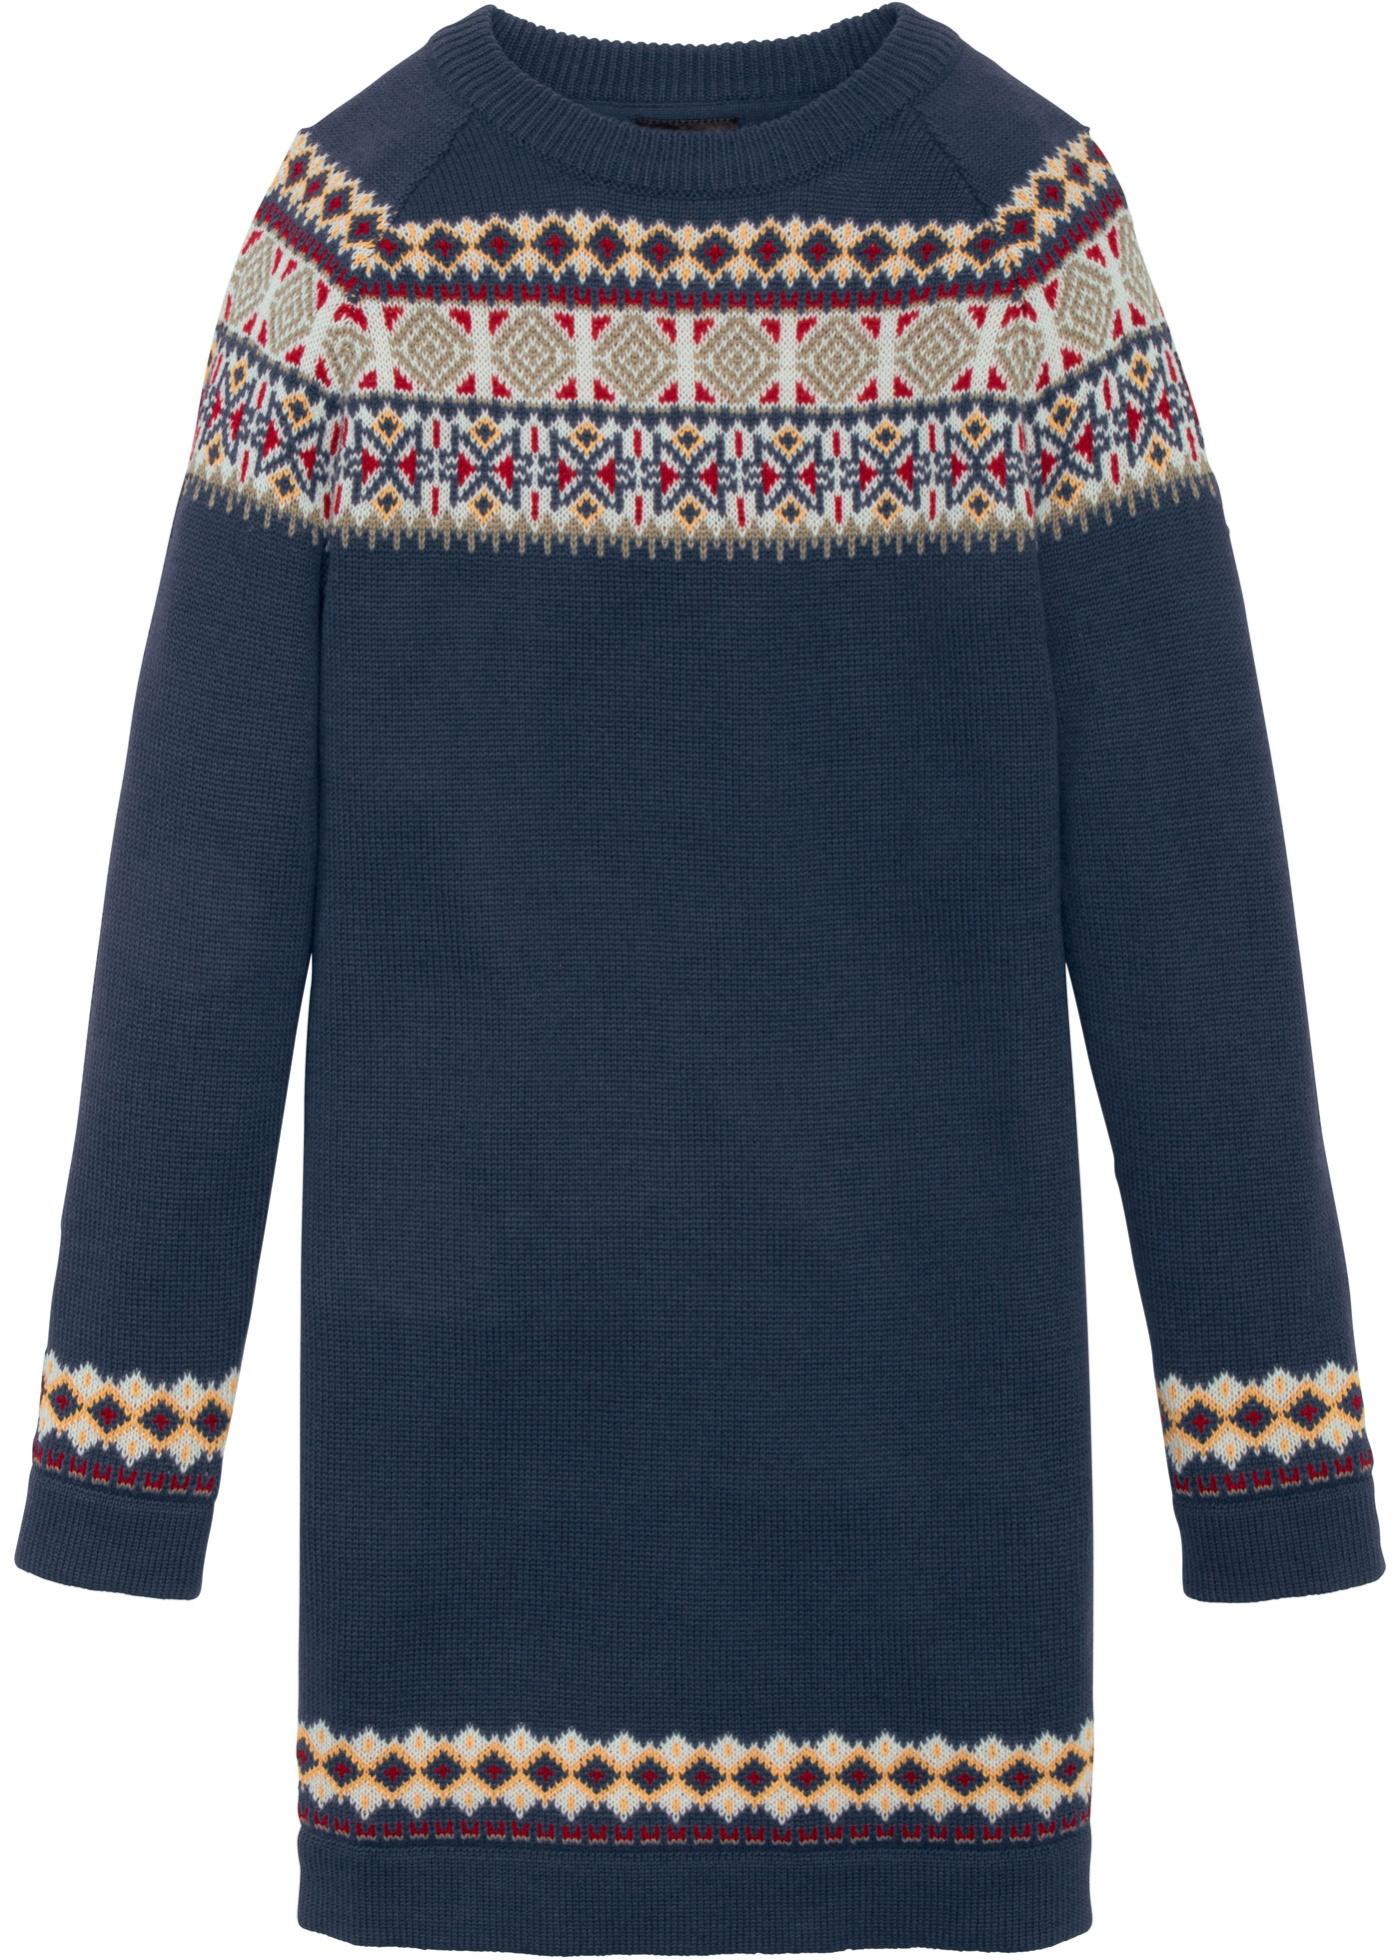 Mädchen,  Kinder bonprix Strickkleid mit Norwegermuster blau, rot, weiß | 08941101087793